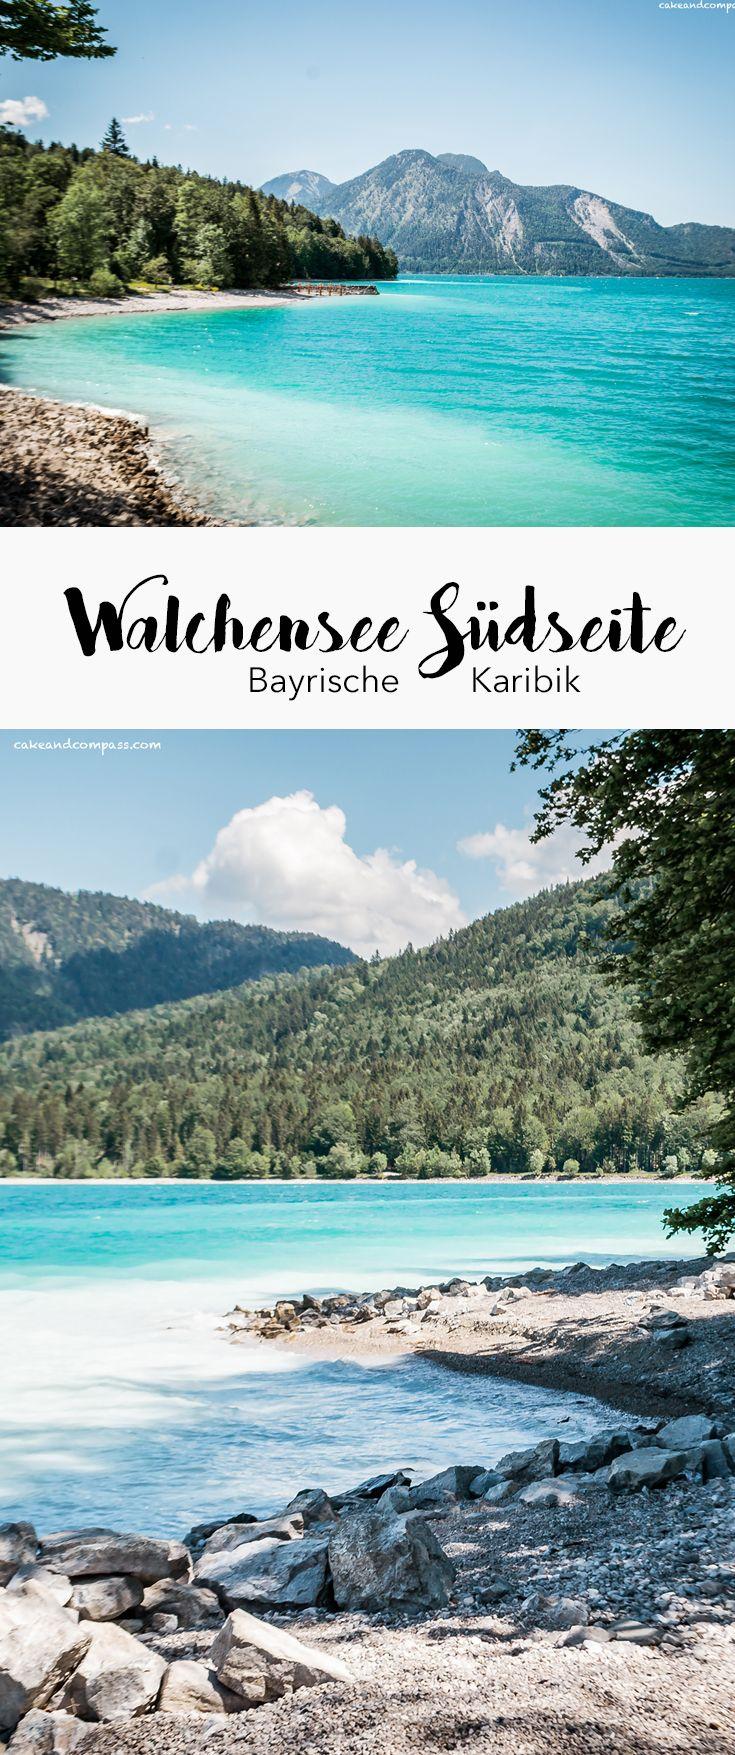 Walchensee Südseite